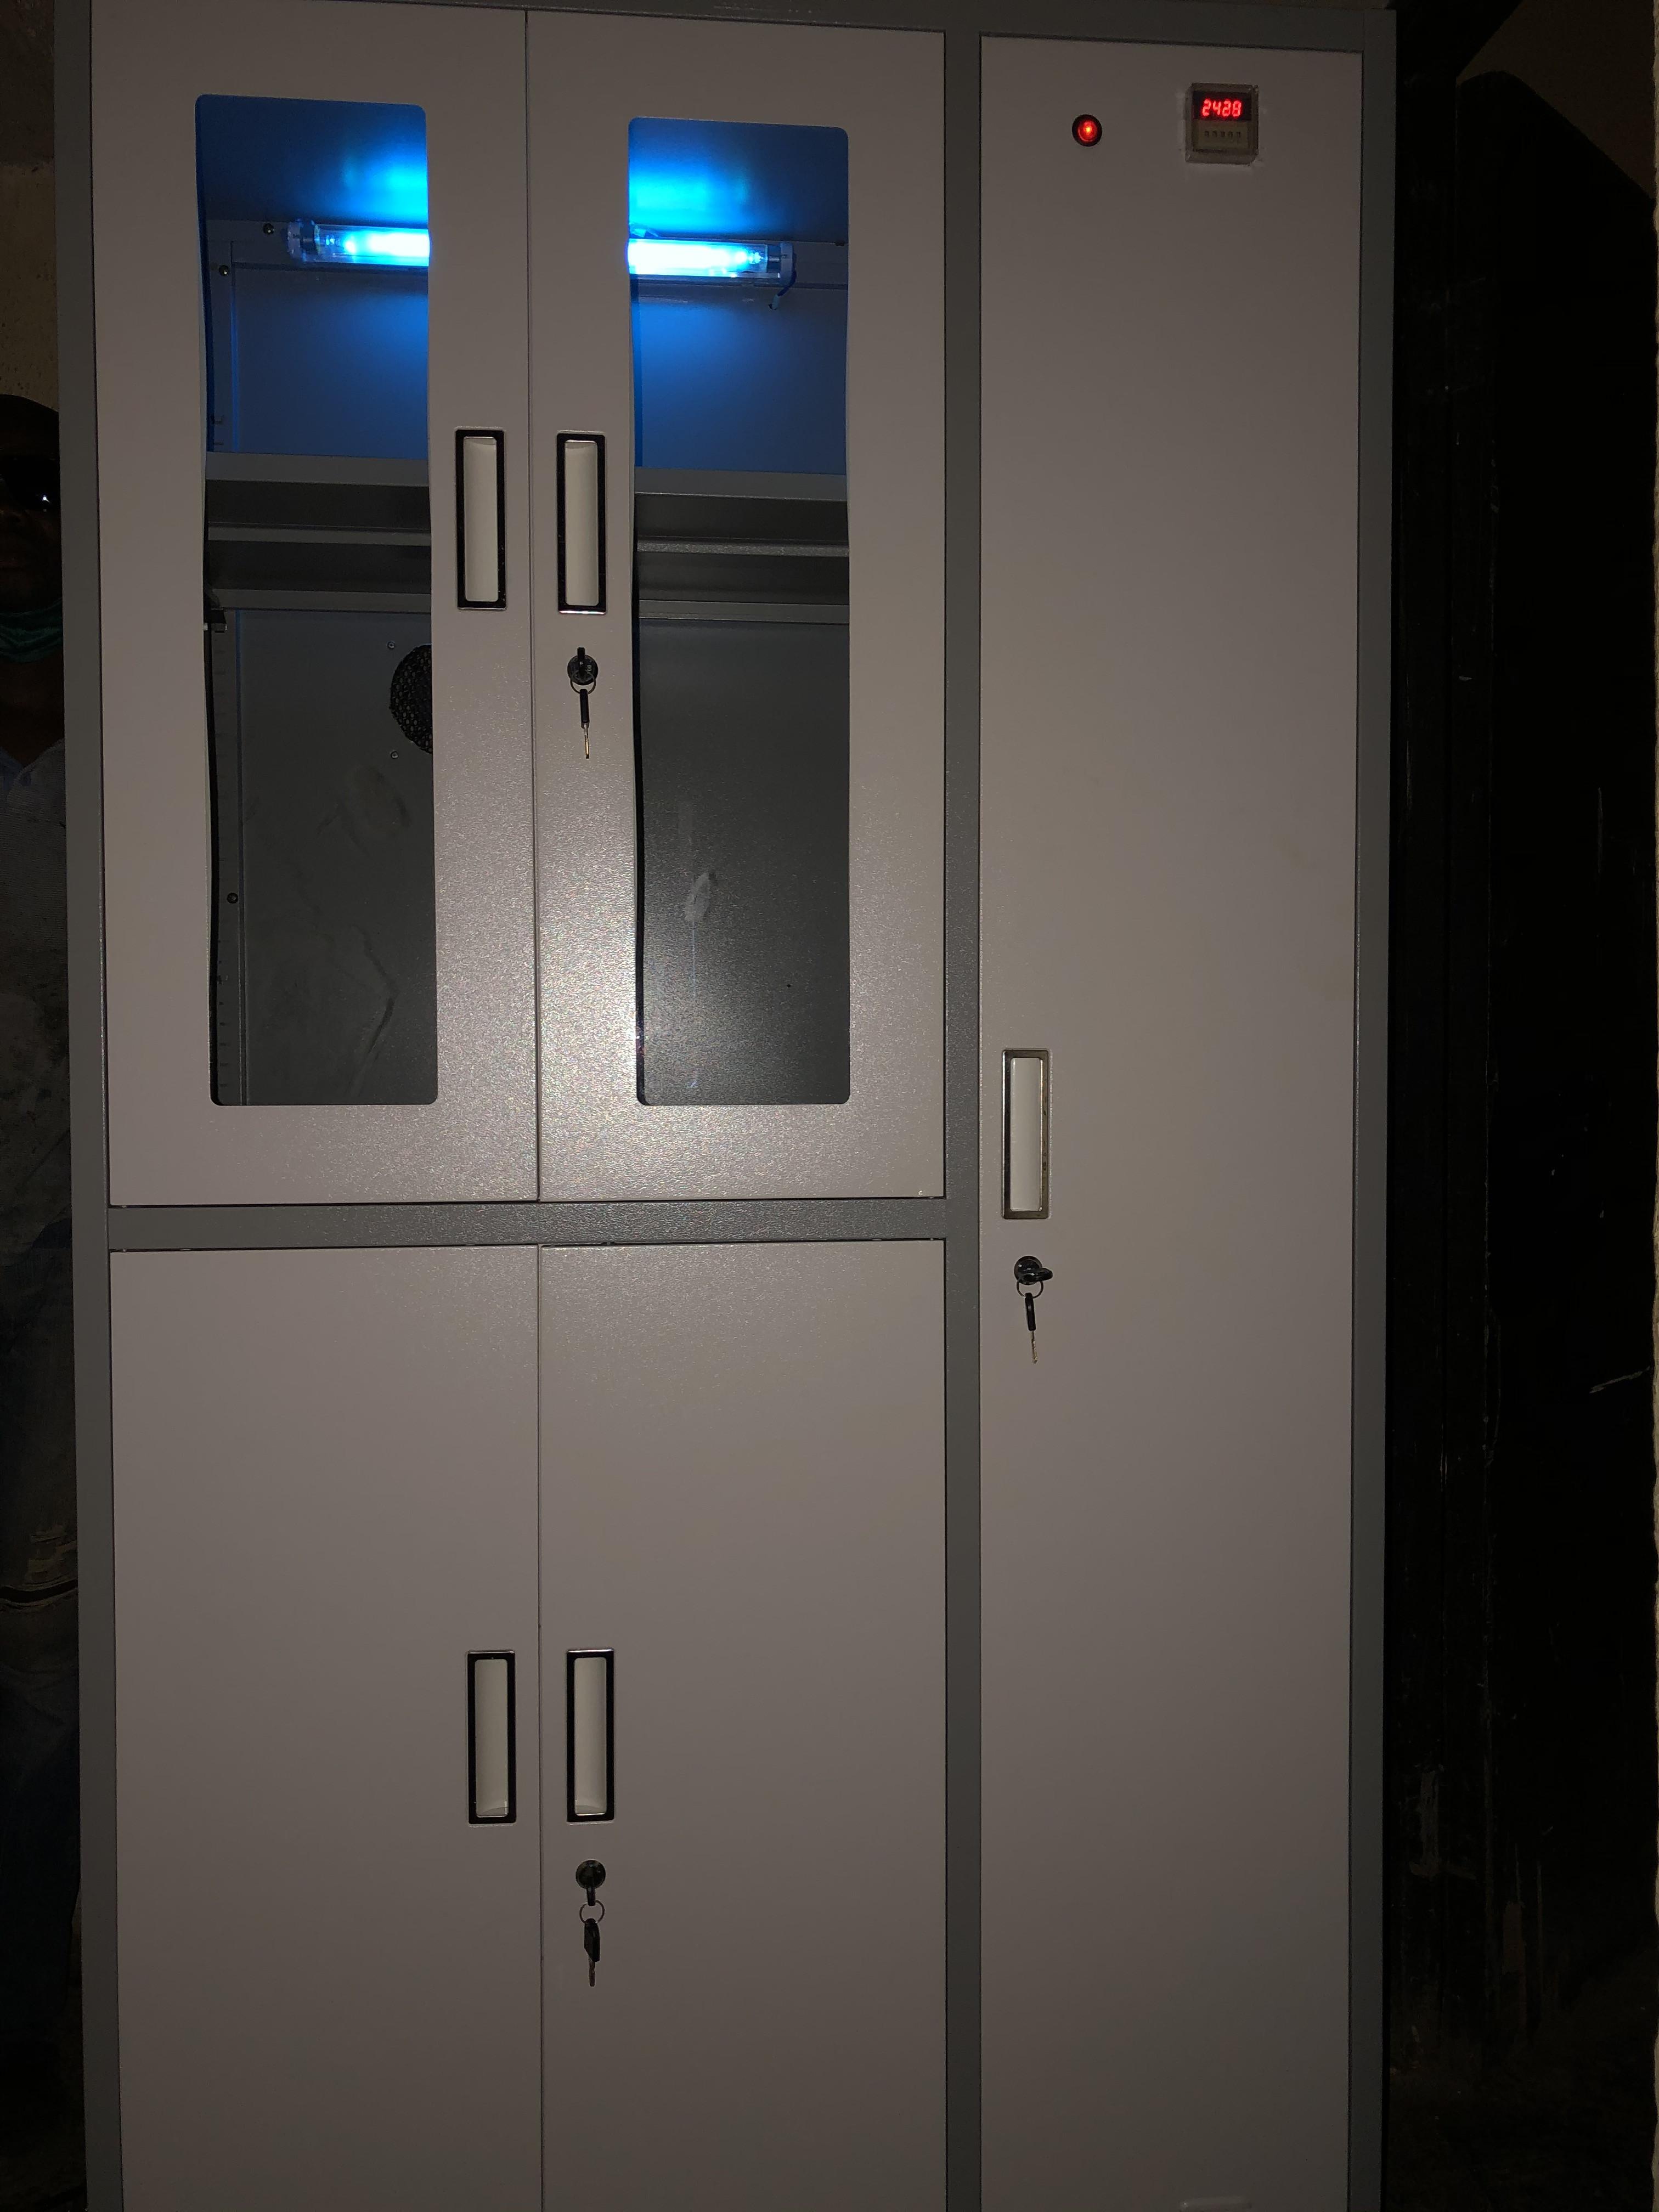 Sanitize your belongings with Ultraviolet Cabinets lindaikejisblog